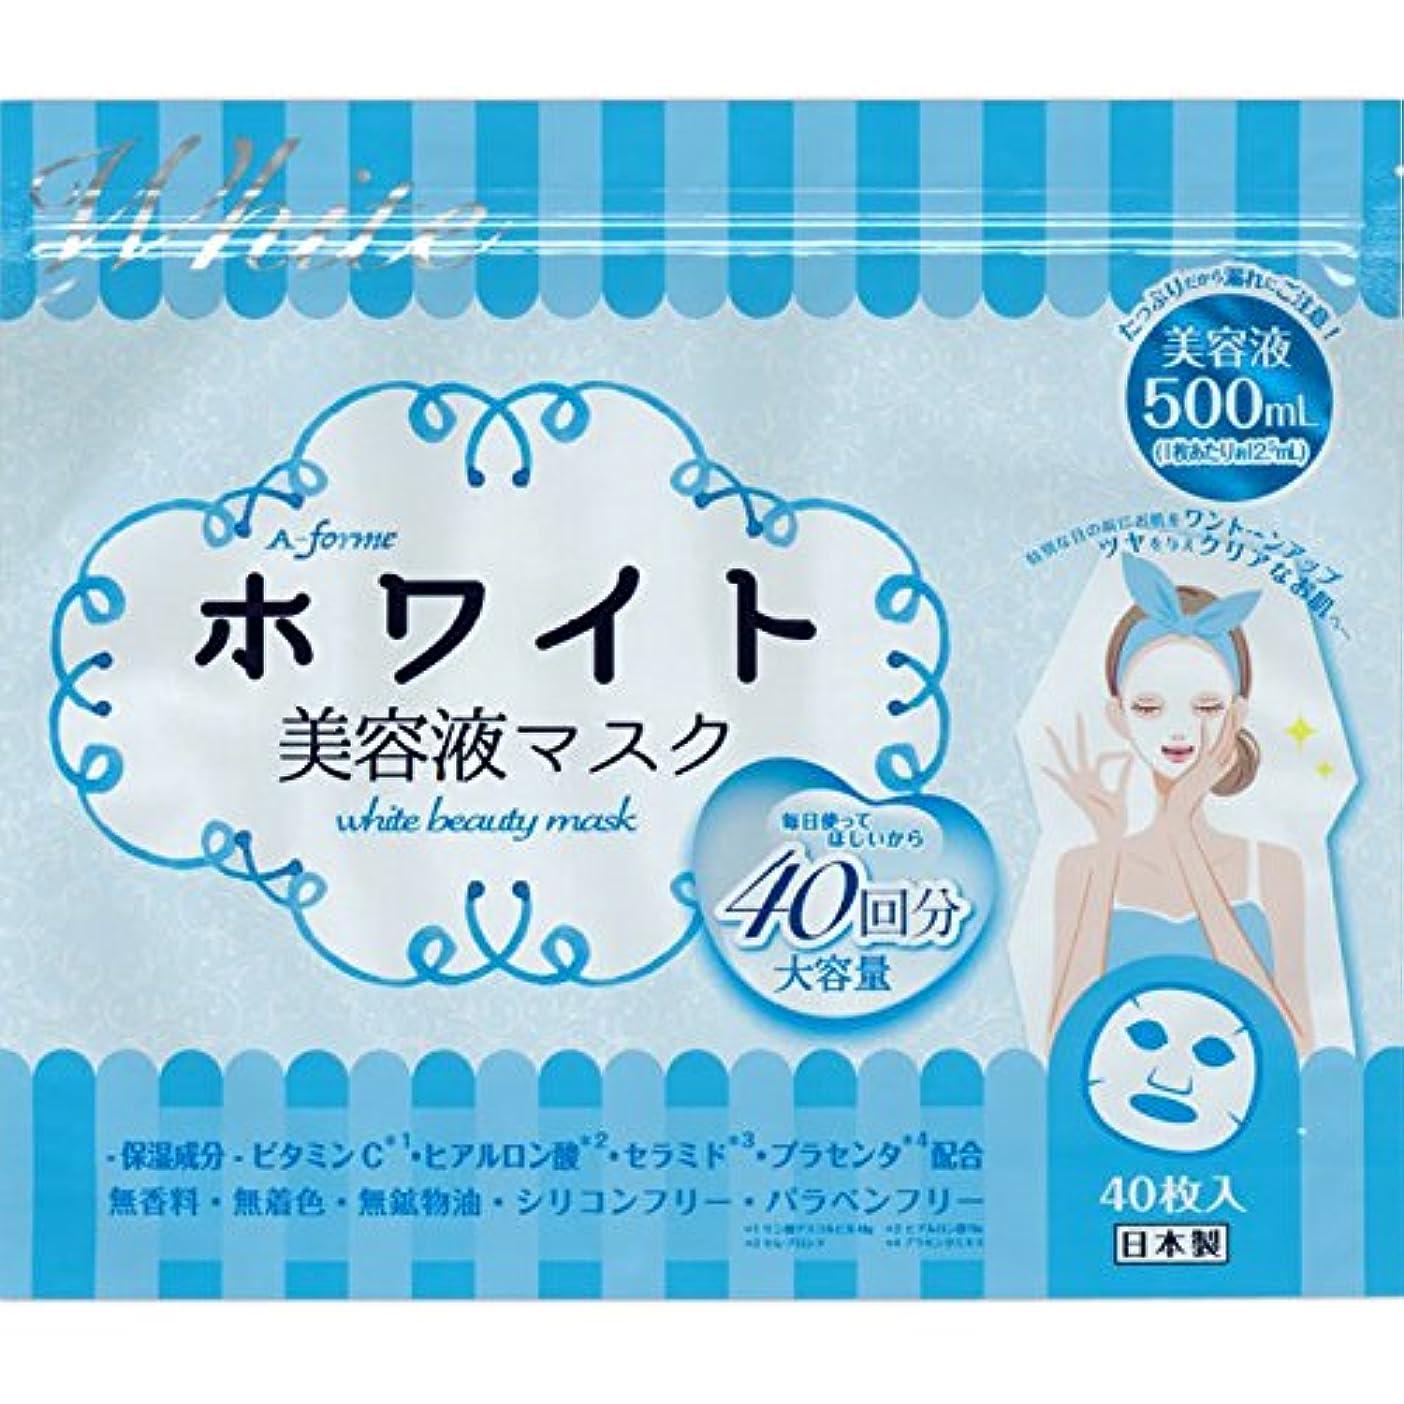 レンズパールおなじみのエーフォルム ホワイト美容液マスク40枚×4